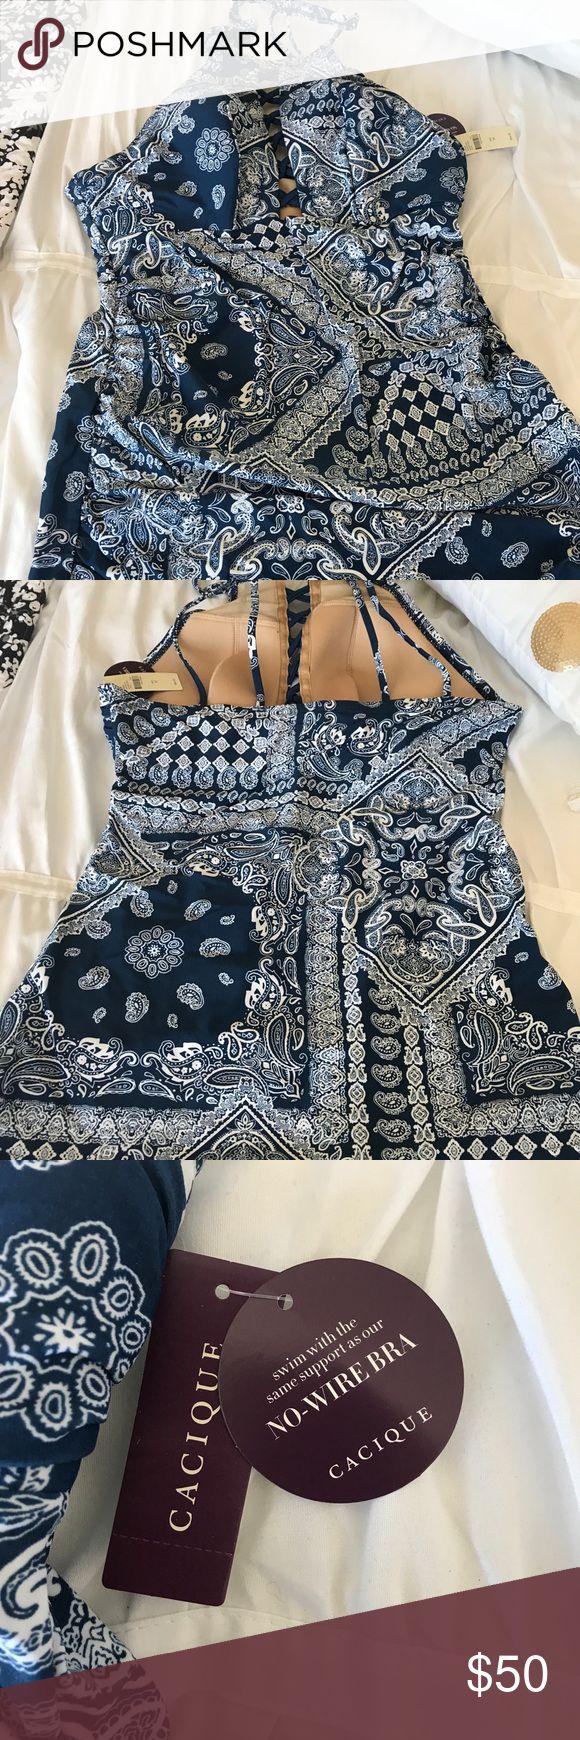 Too swim suit, from Lane Bryant Blue and white, brand new Tankini. Lane Bryant Swim